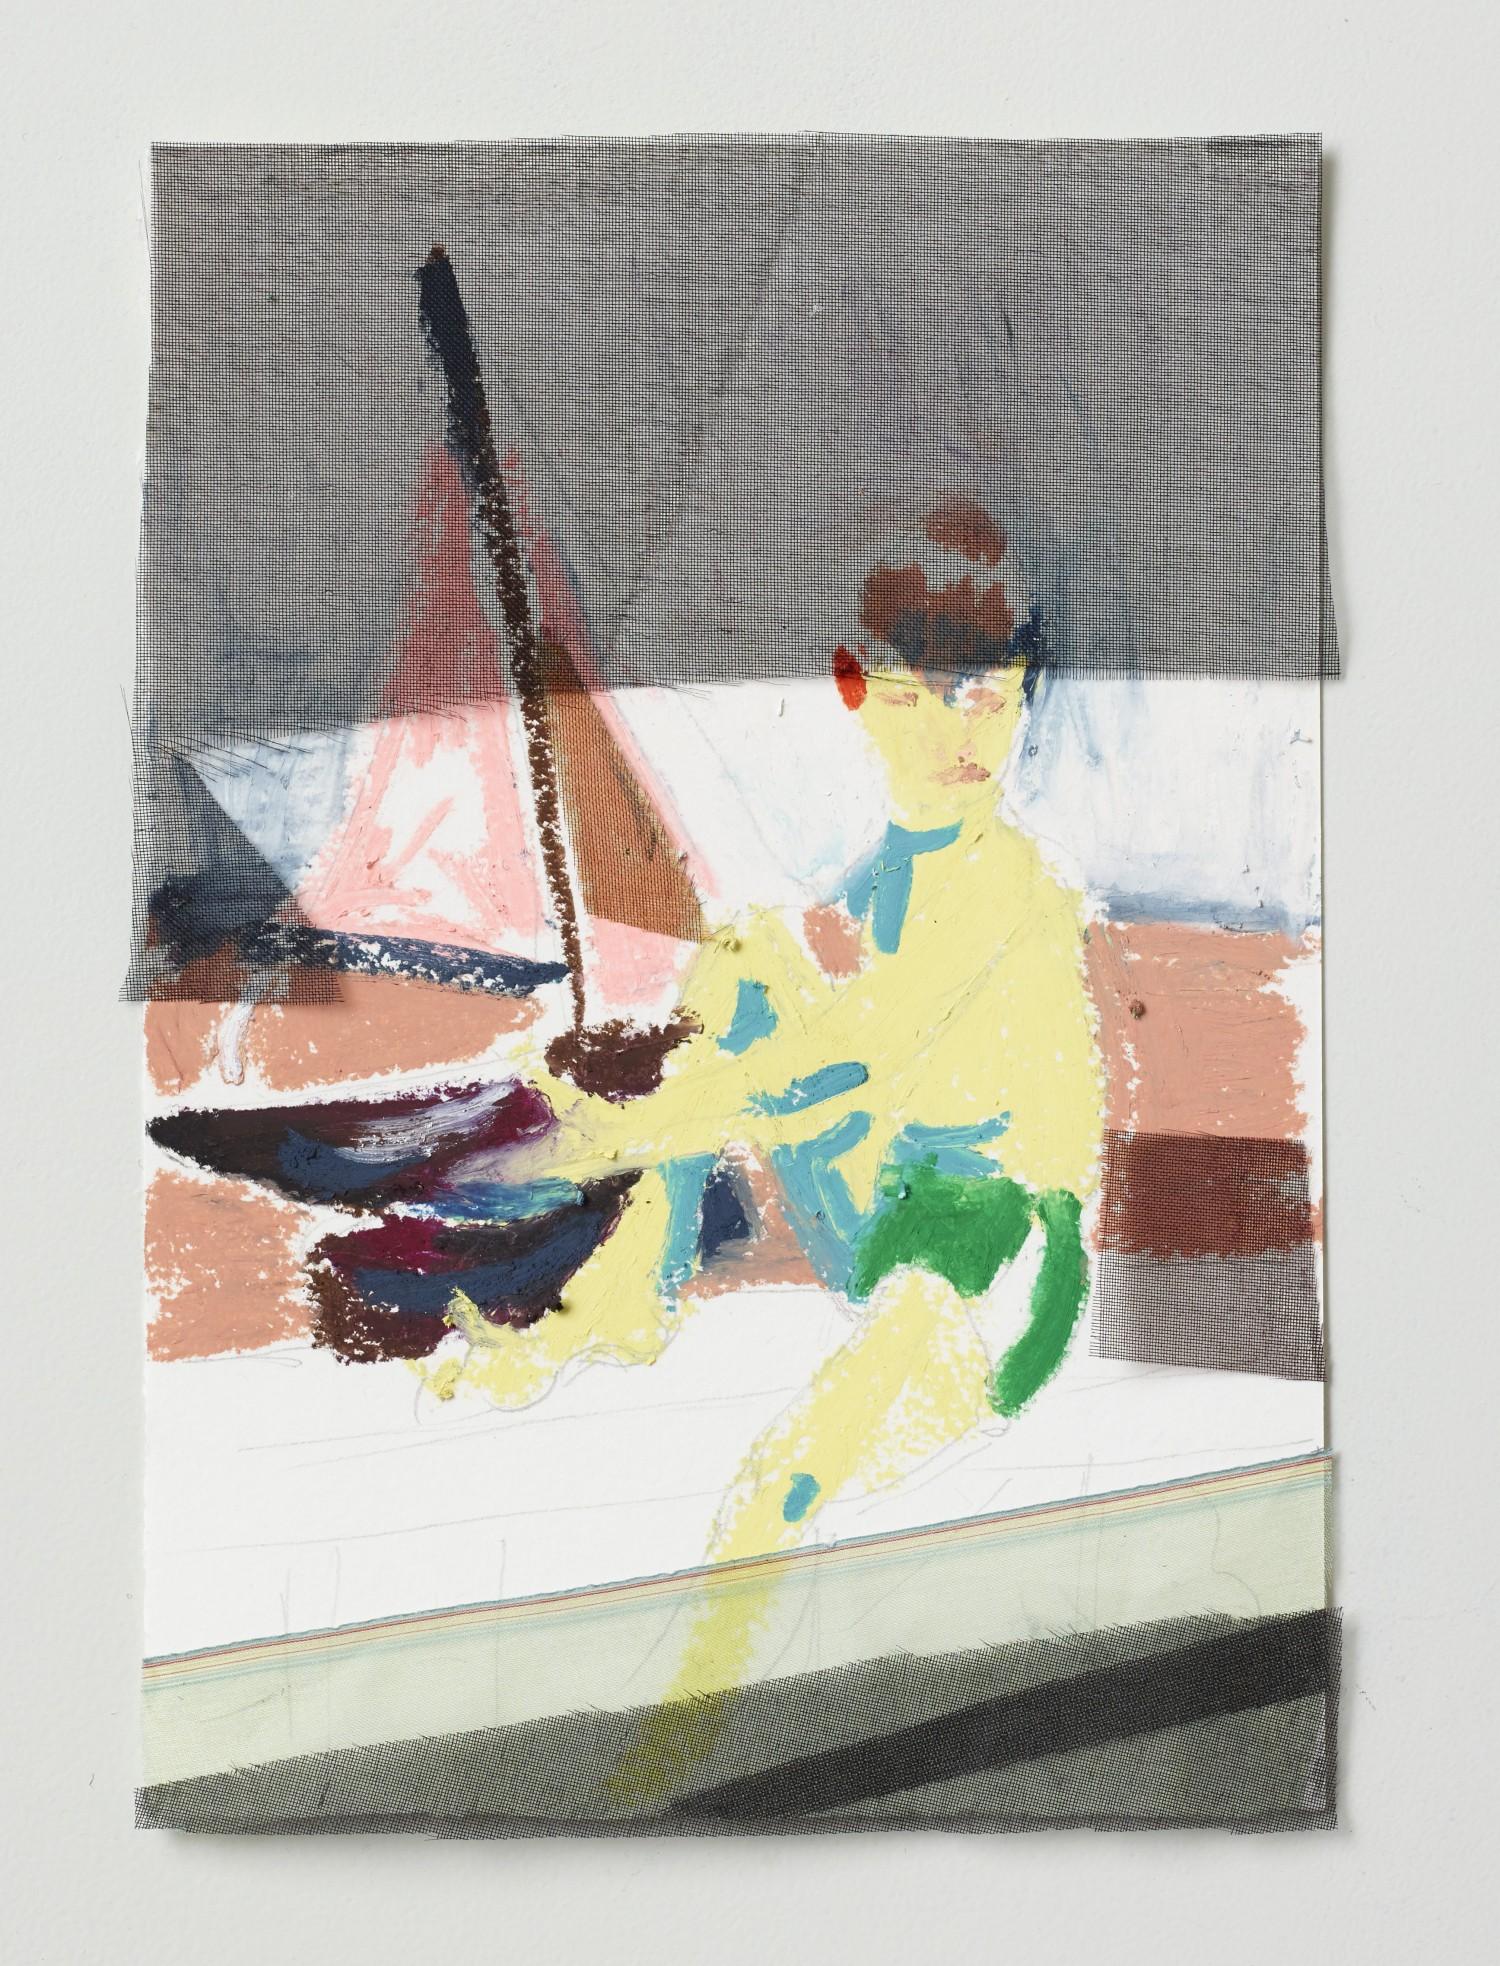 Børnetegning 1/28 (Kidsdrawing), 14 x 17 cm, 2015